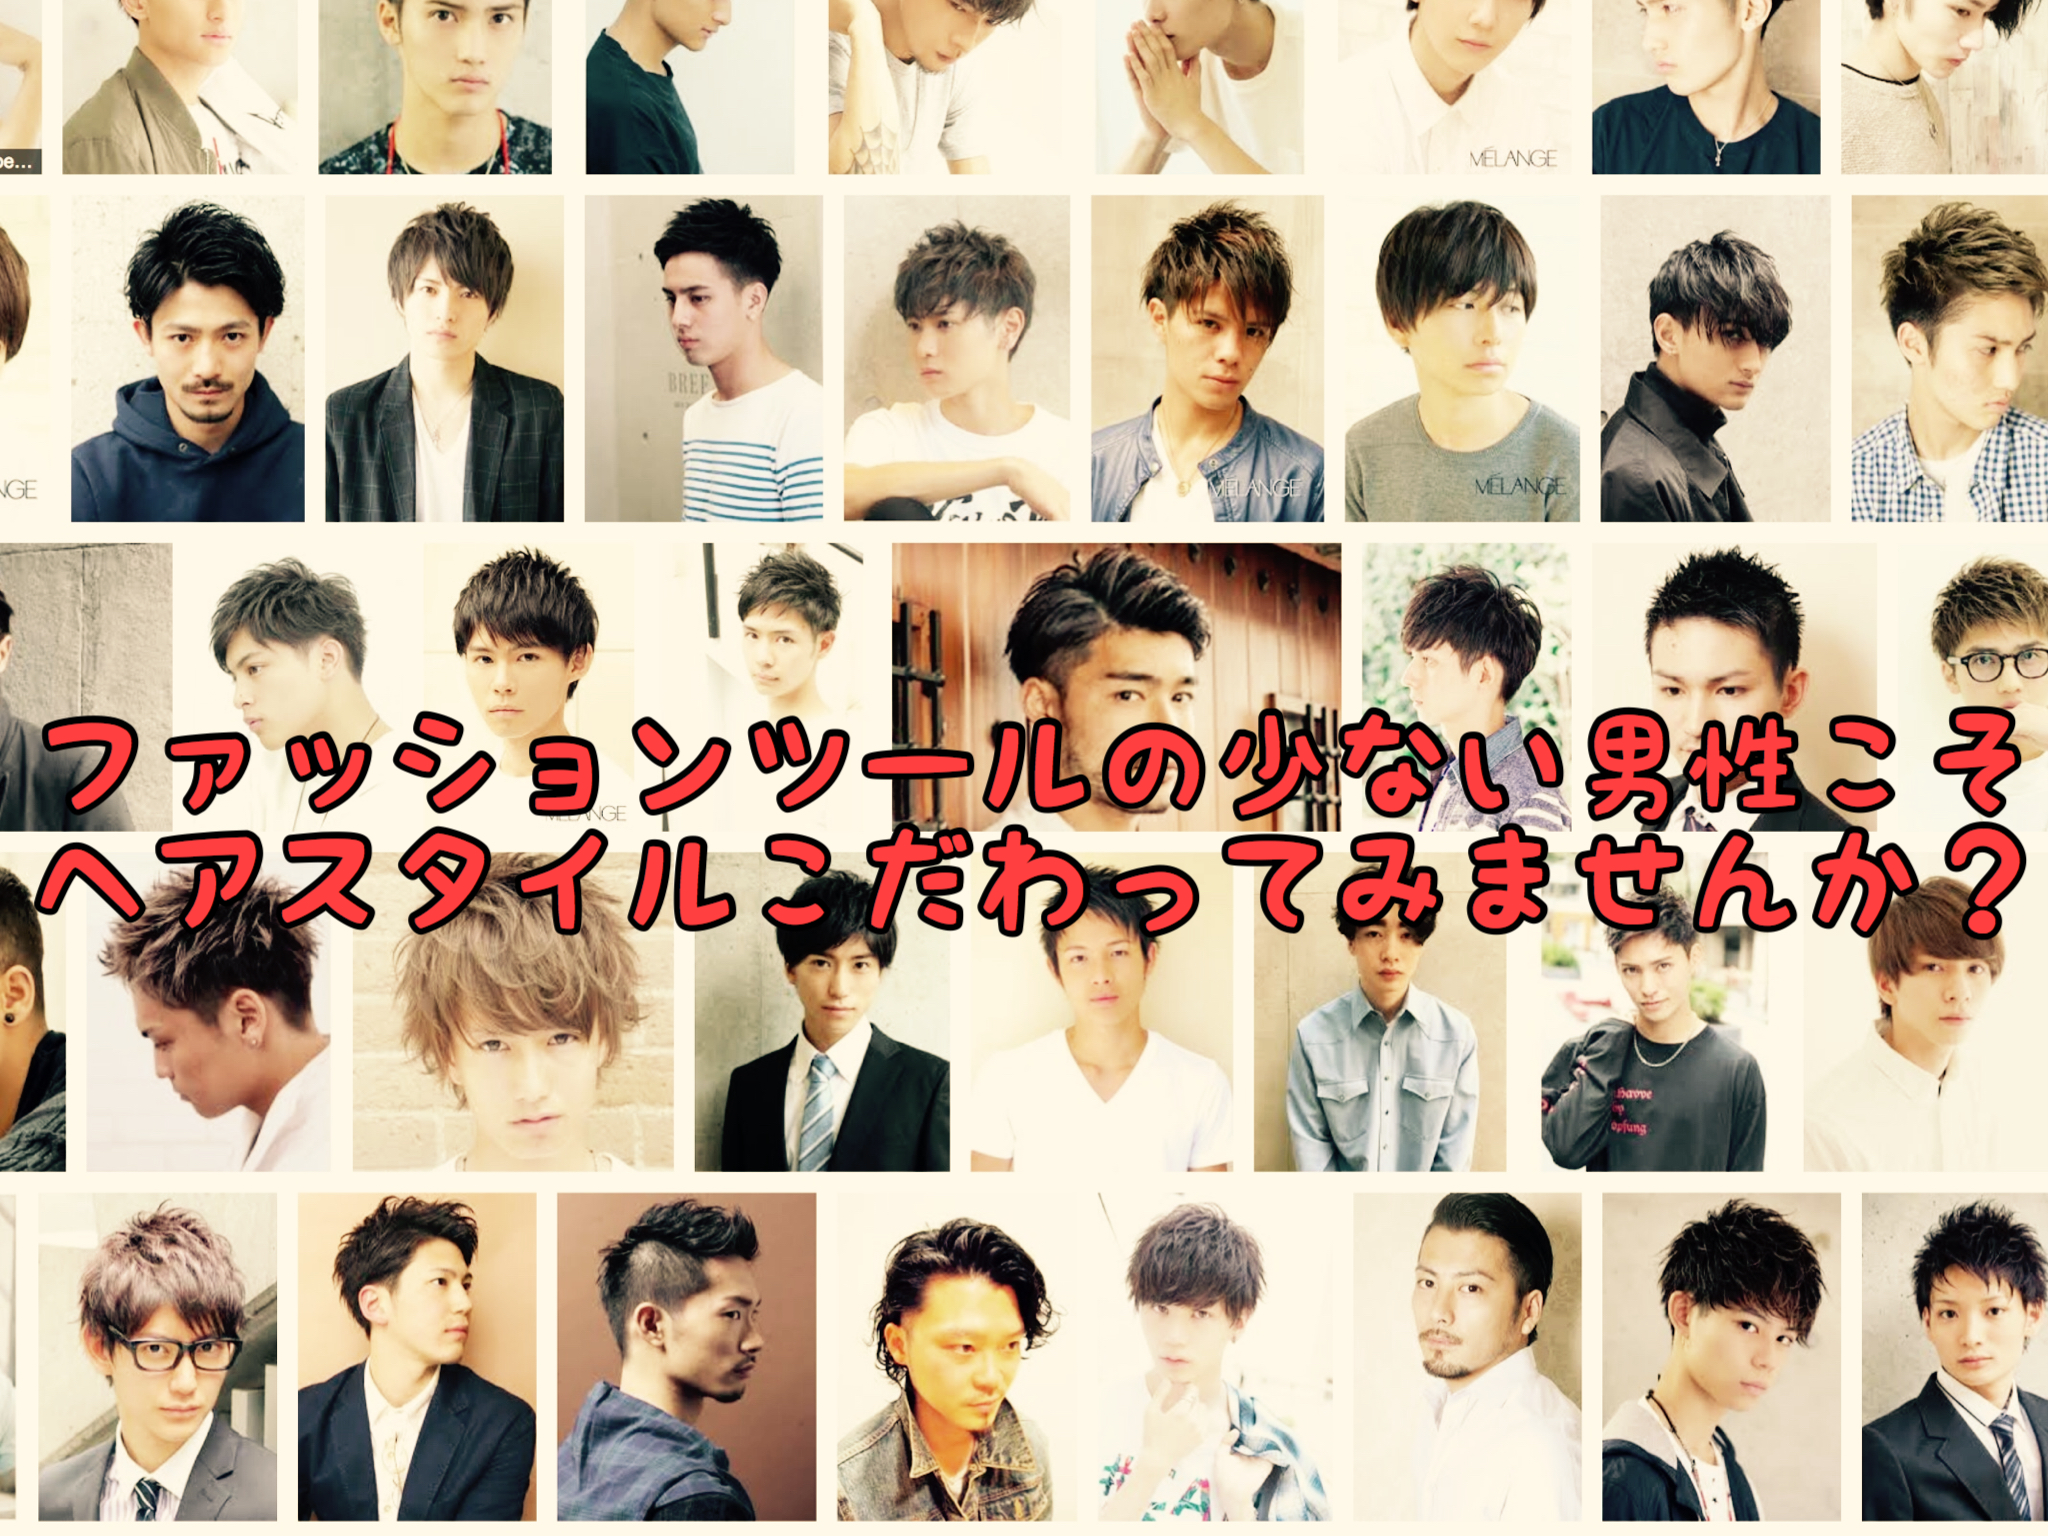 【悲】ファッションツールの少ない男性こそヘアスタイルに変化をつけて楽しみましょう!